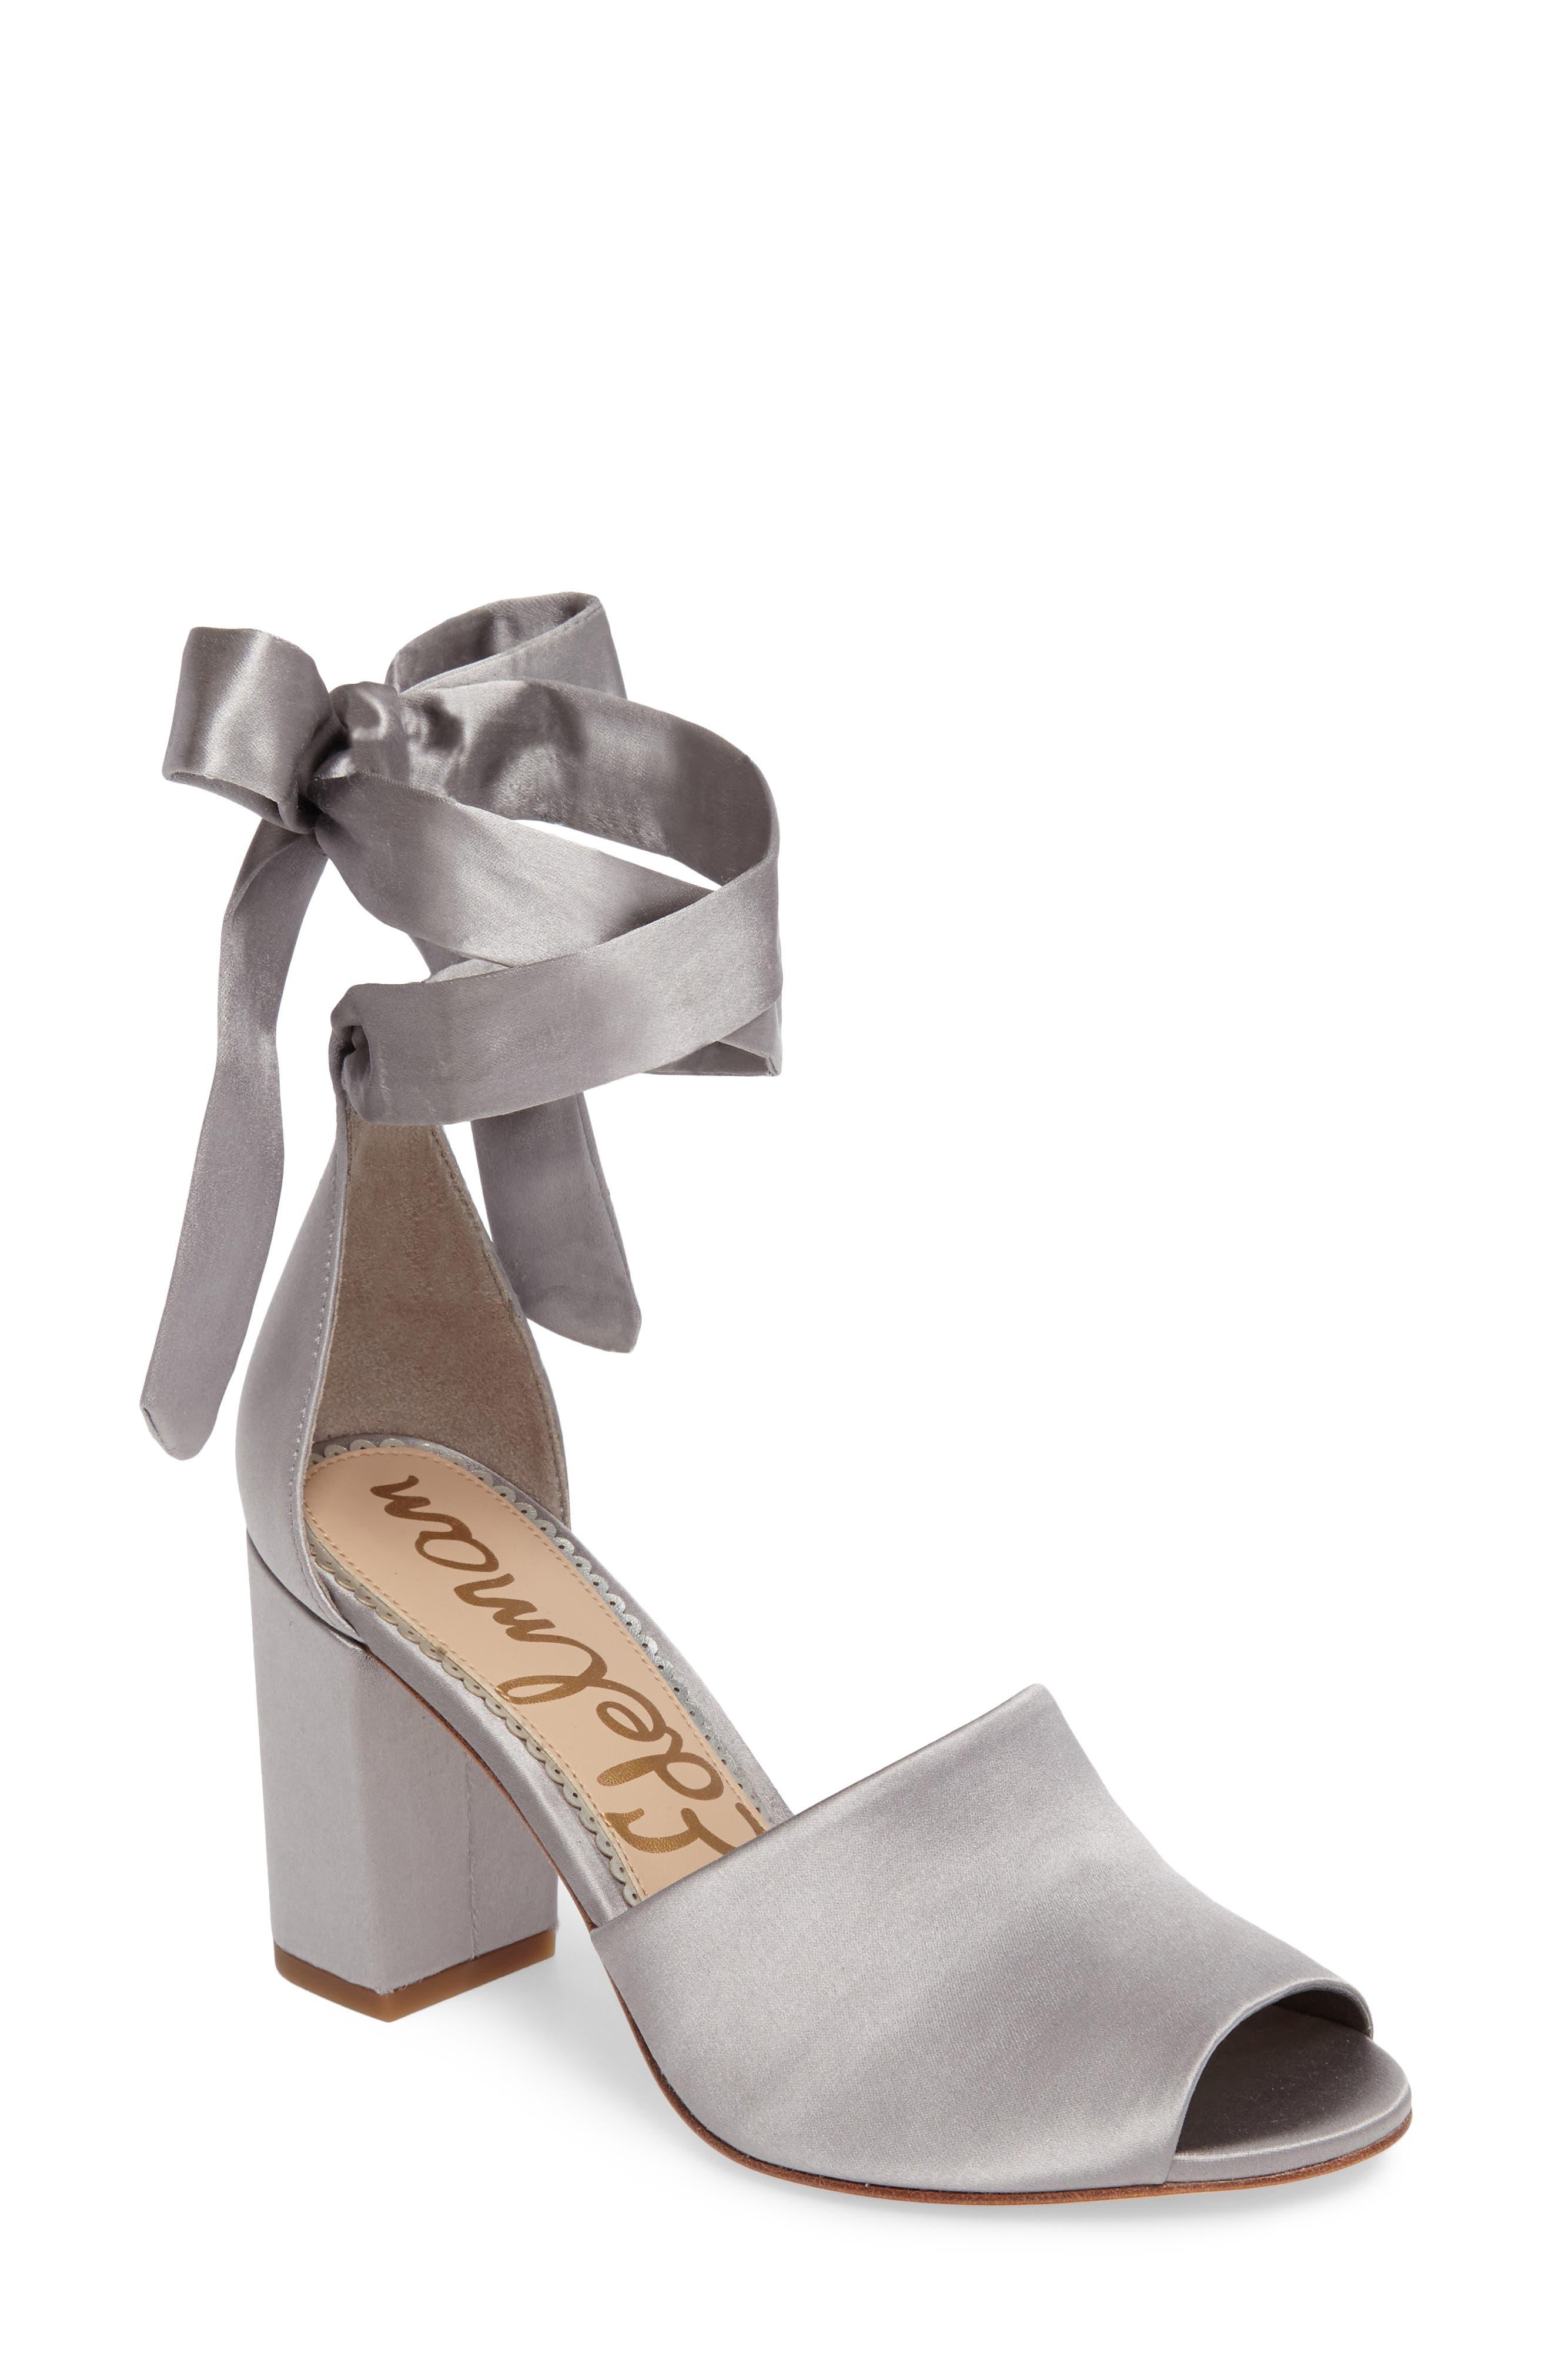 Odele Sandal,                         Main,                         color, Light Grey Satin